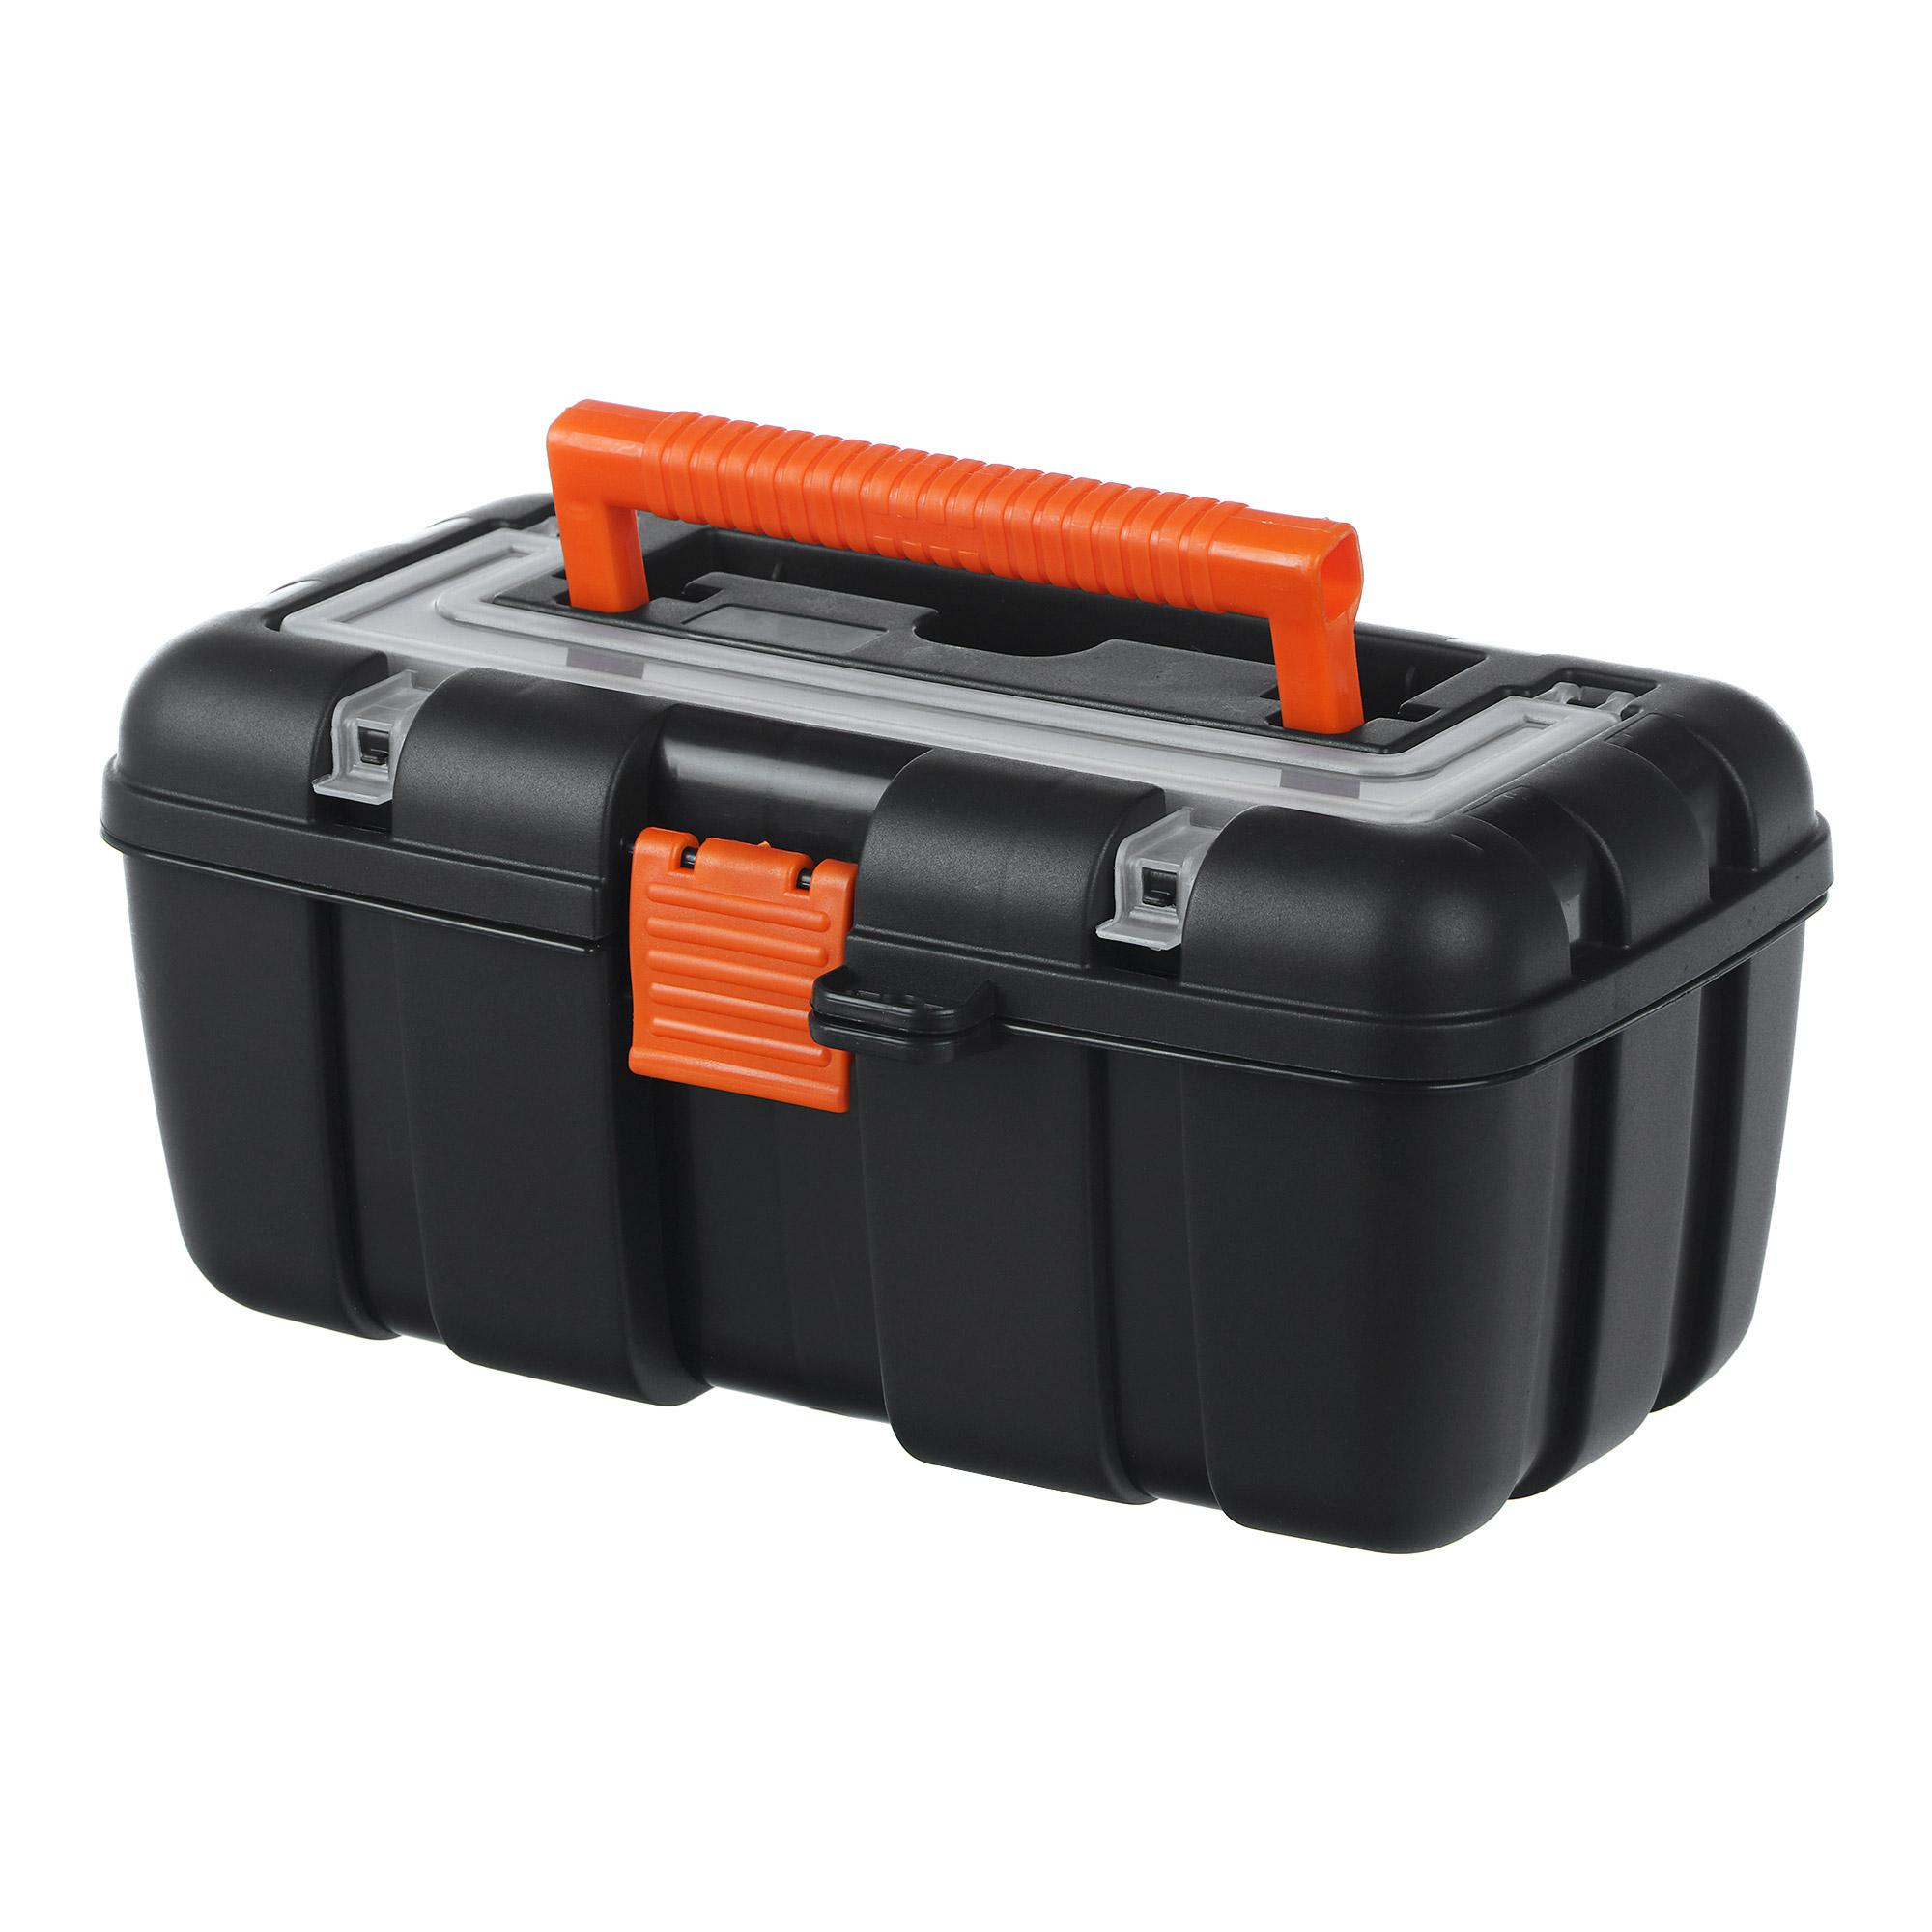 Ящик для инструментов Koopman 25x14,5x11 см ящик для инструментов matrix 28 4х16х78см 906055